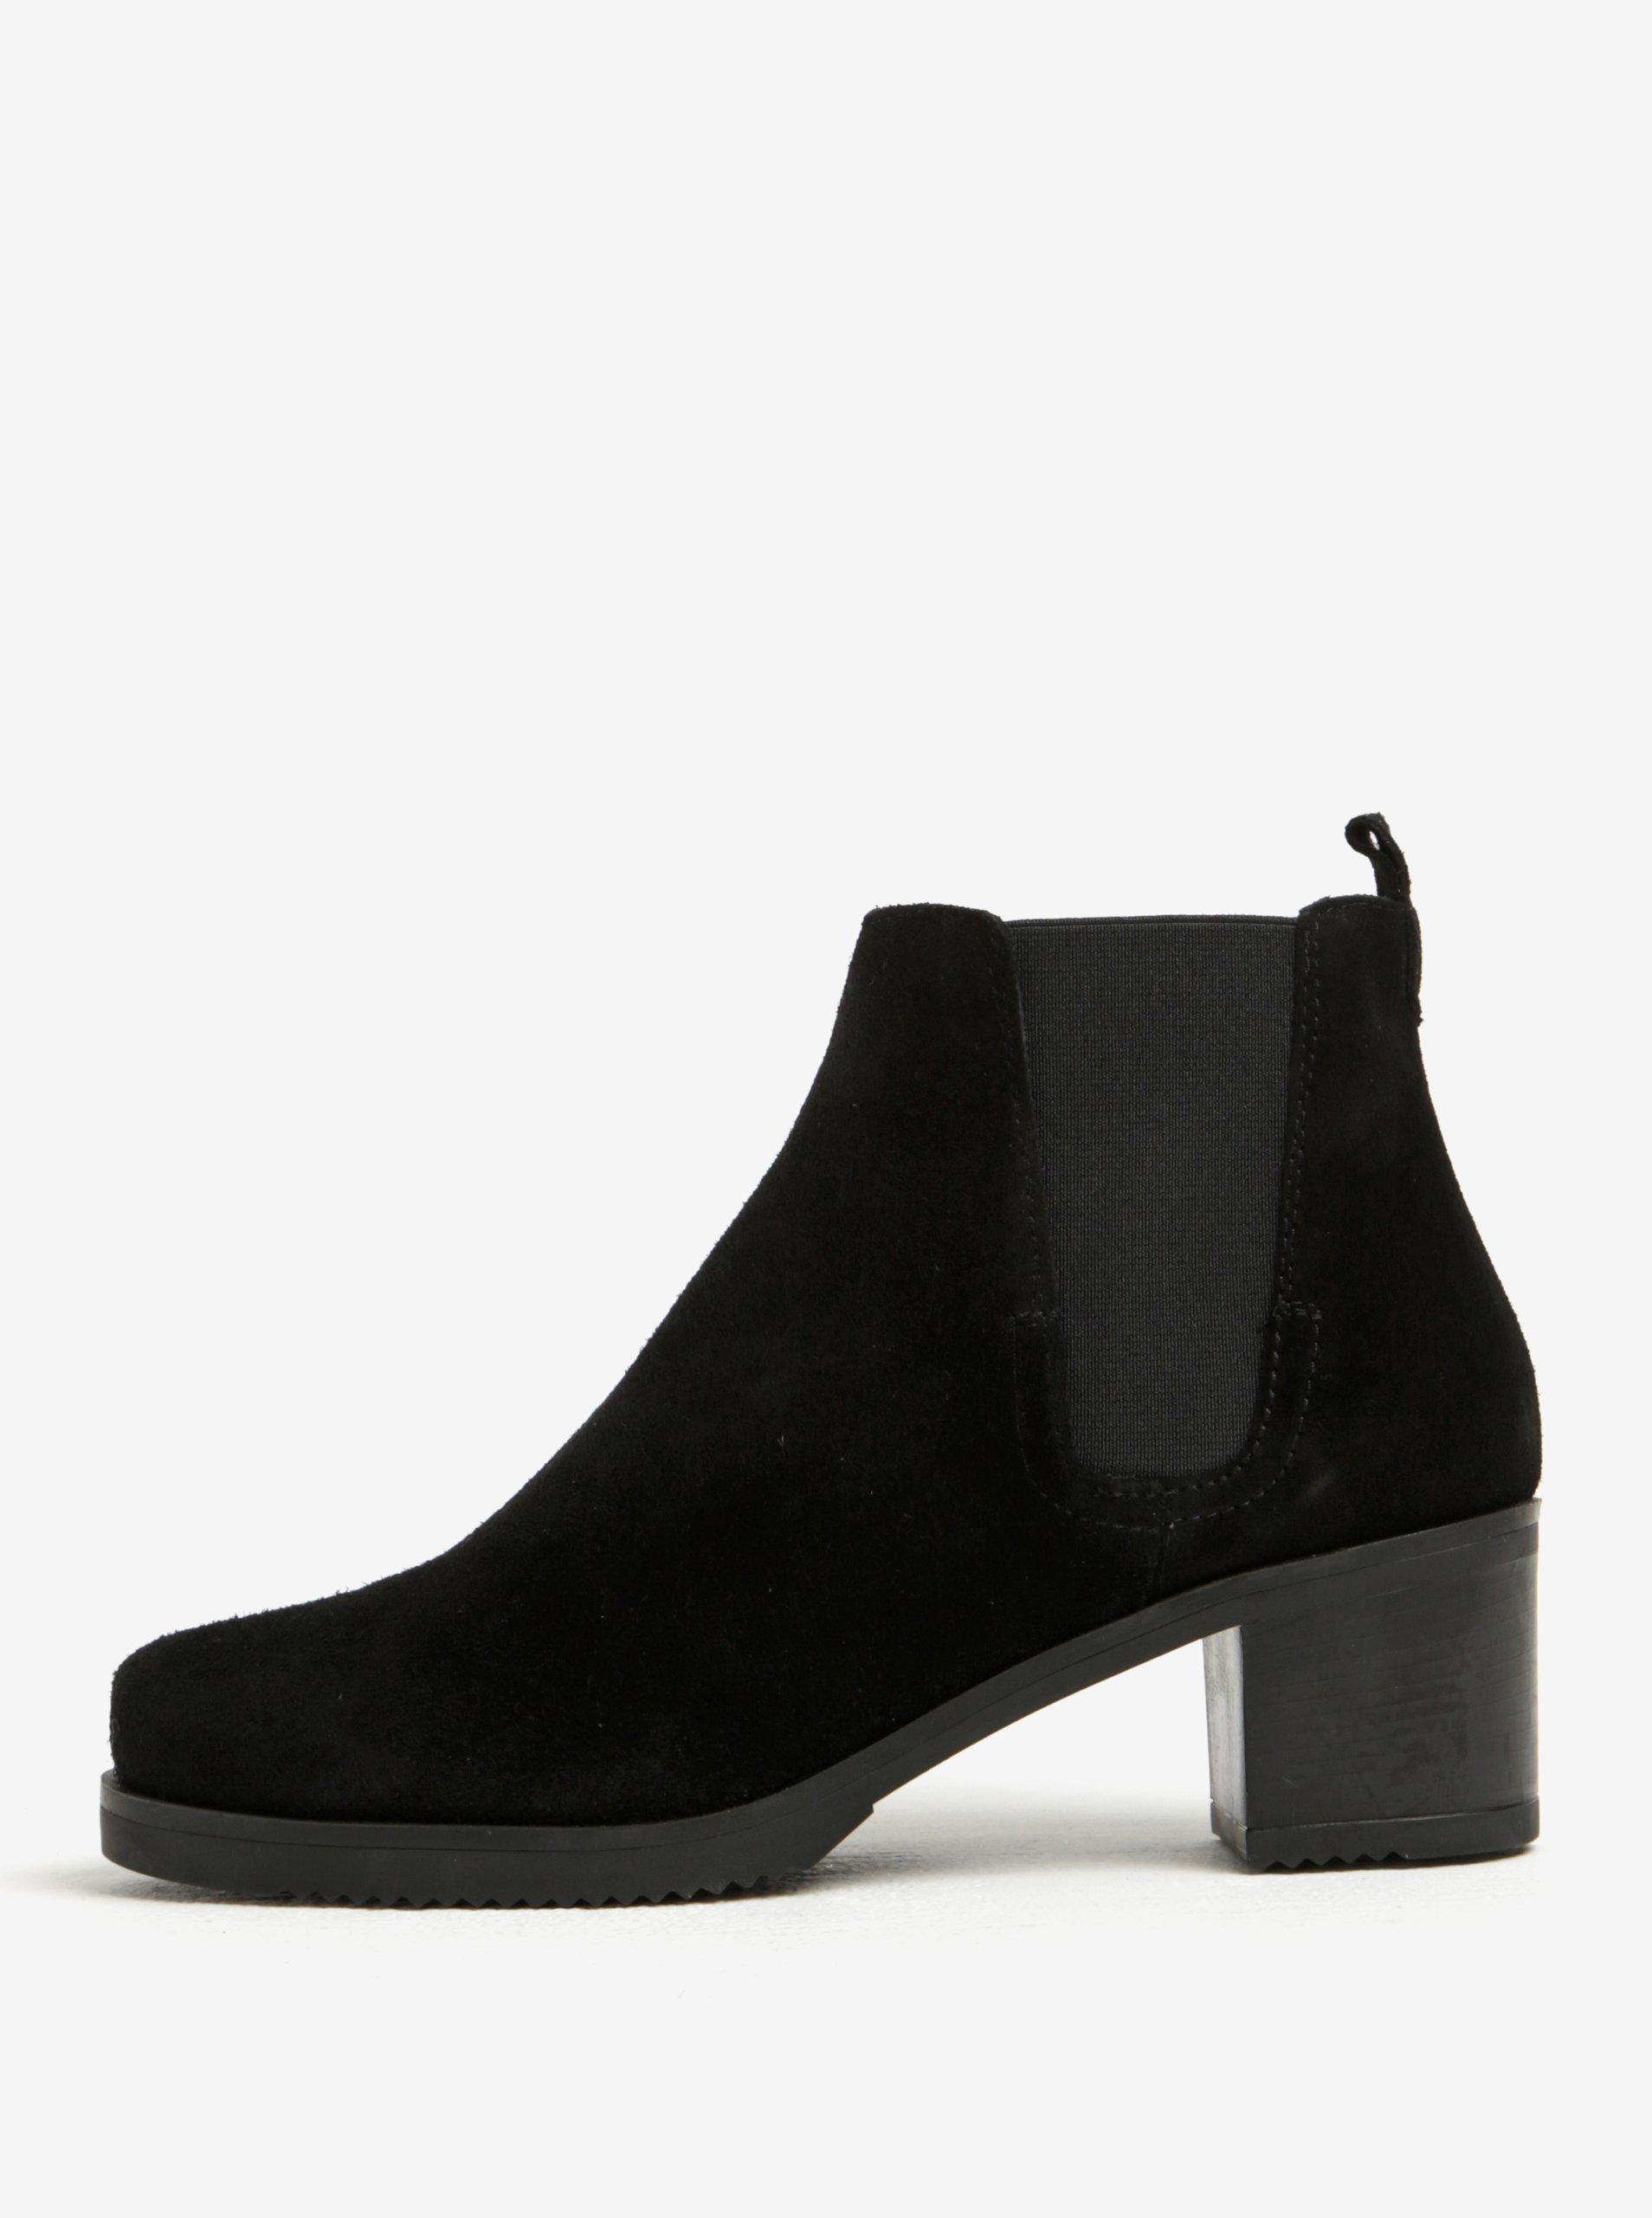 Černé semišové chelsea boty na podpatku OJJU